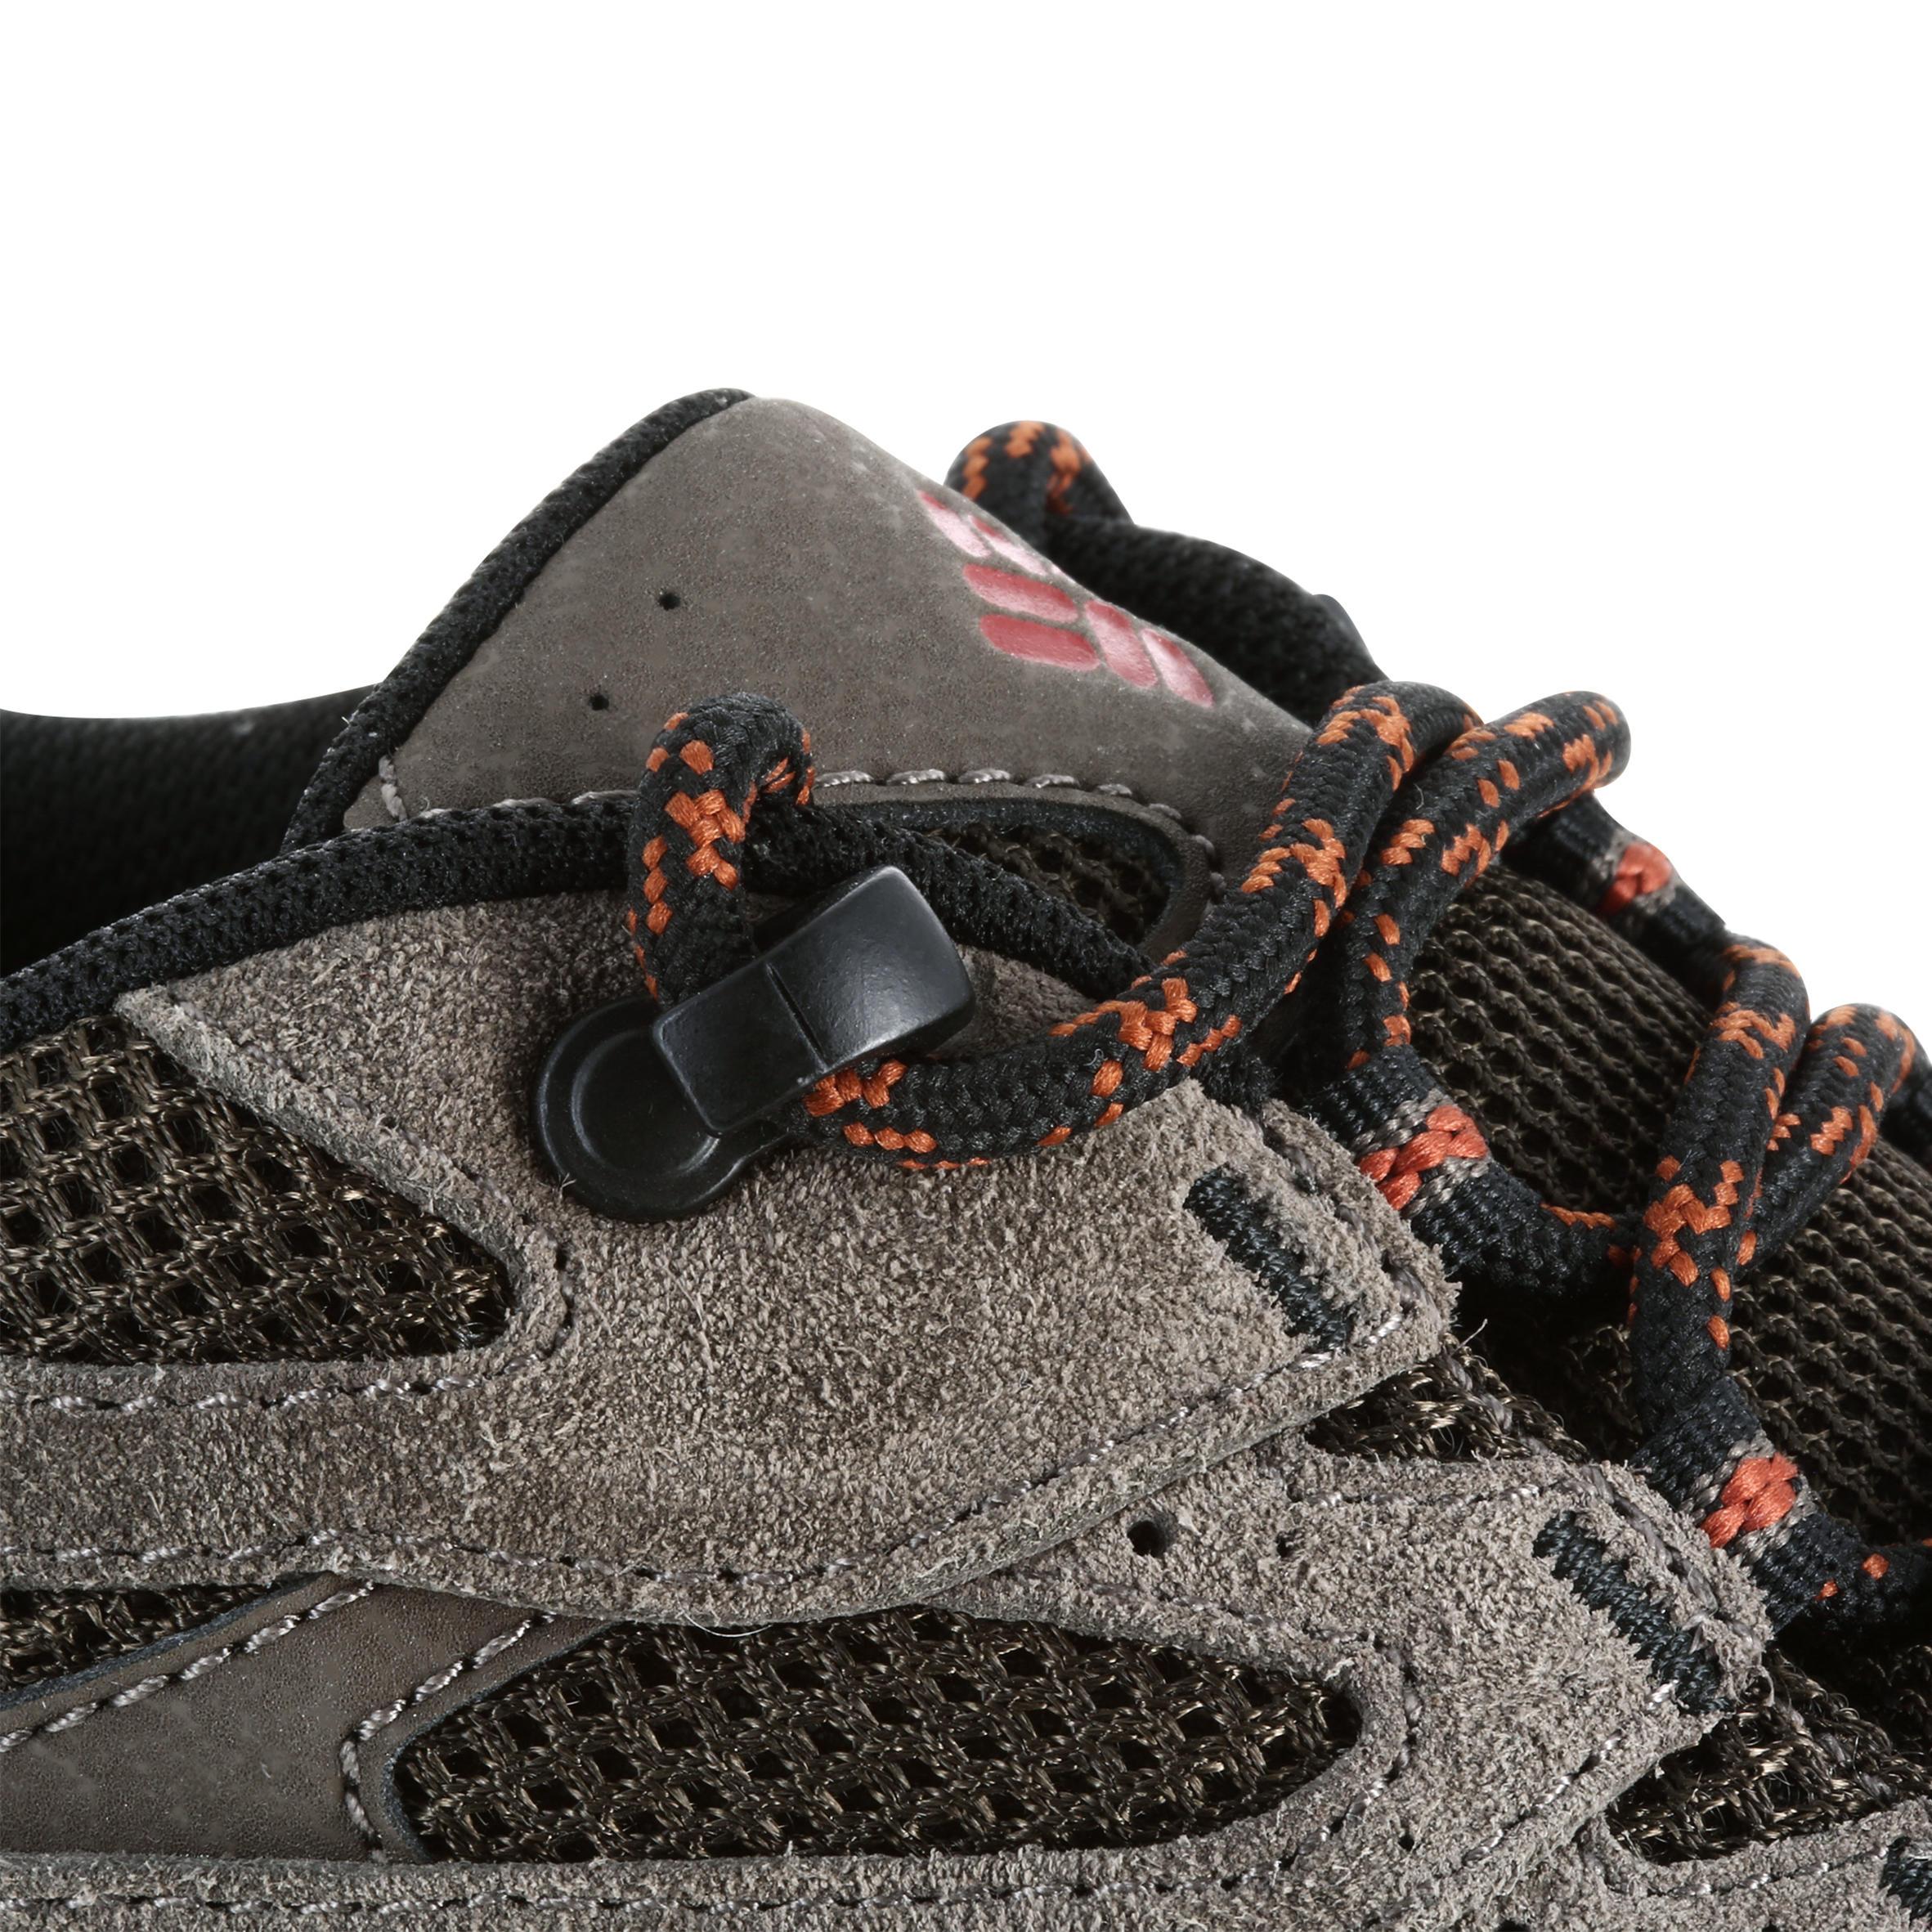 Imperméable Chaussures Columbia 2 Marrongris Randonnée Homme De Redmond D9EH2I